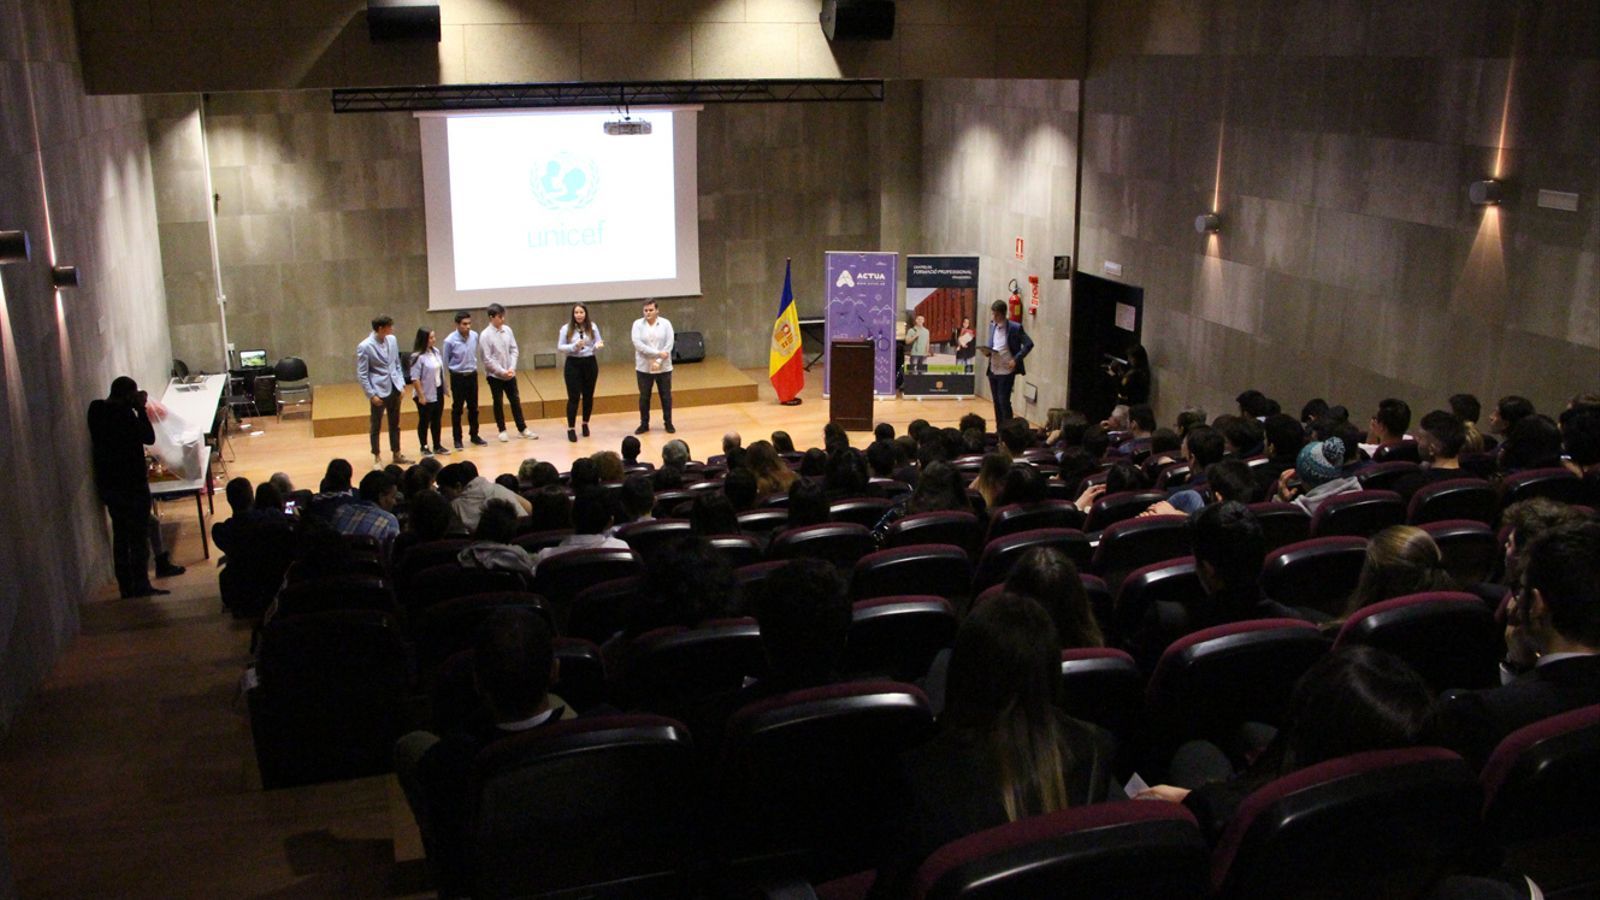 L'equip d'Unicef durant la seva presentació. / M. P. (ANA)